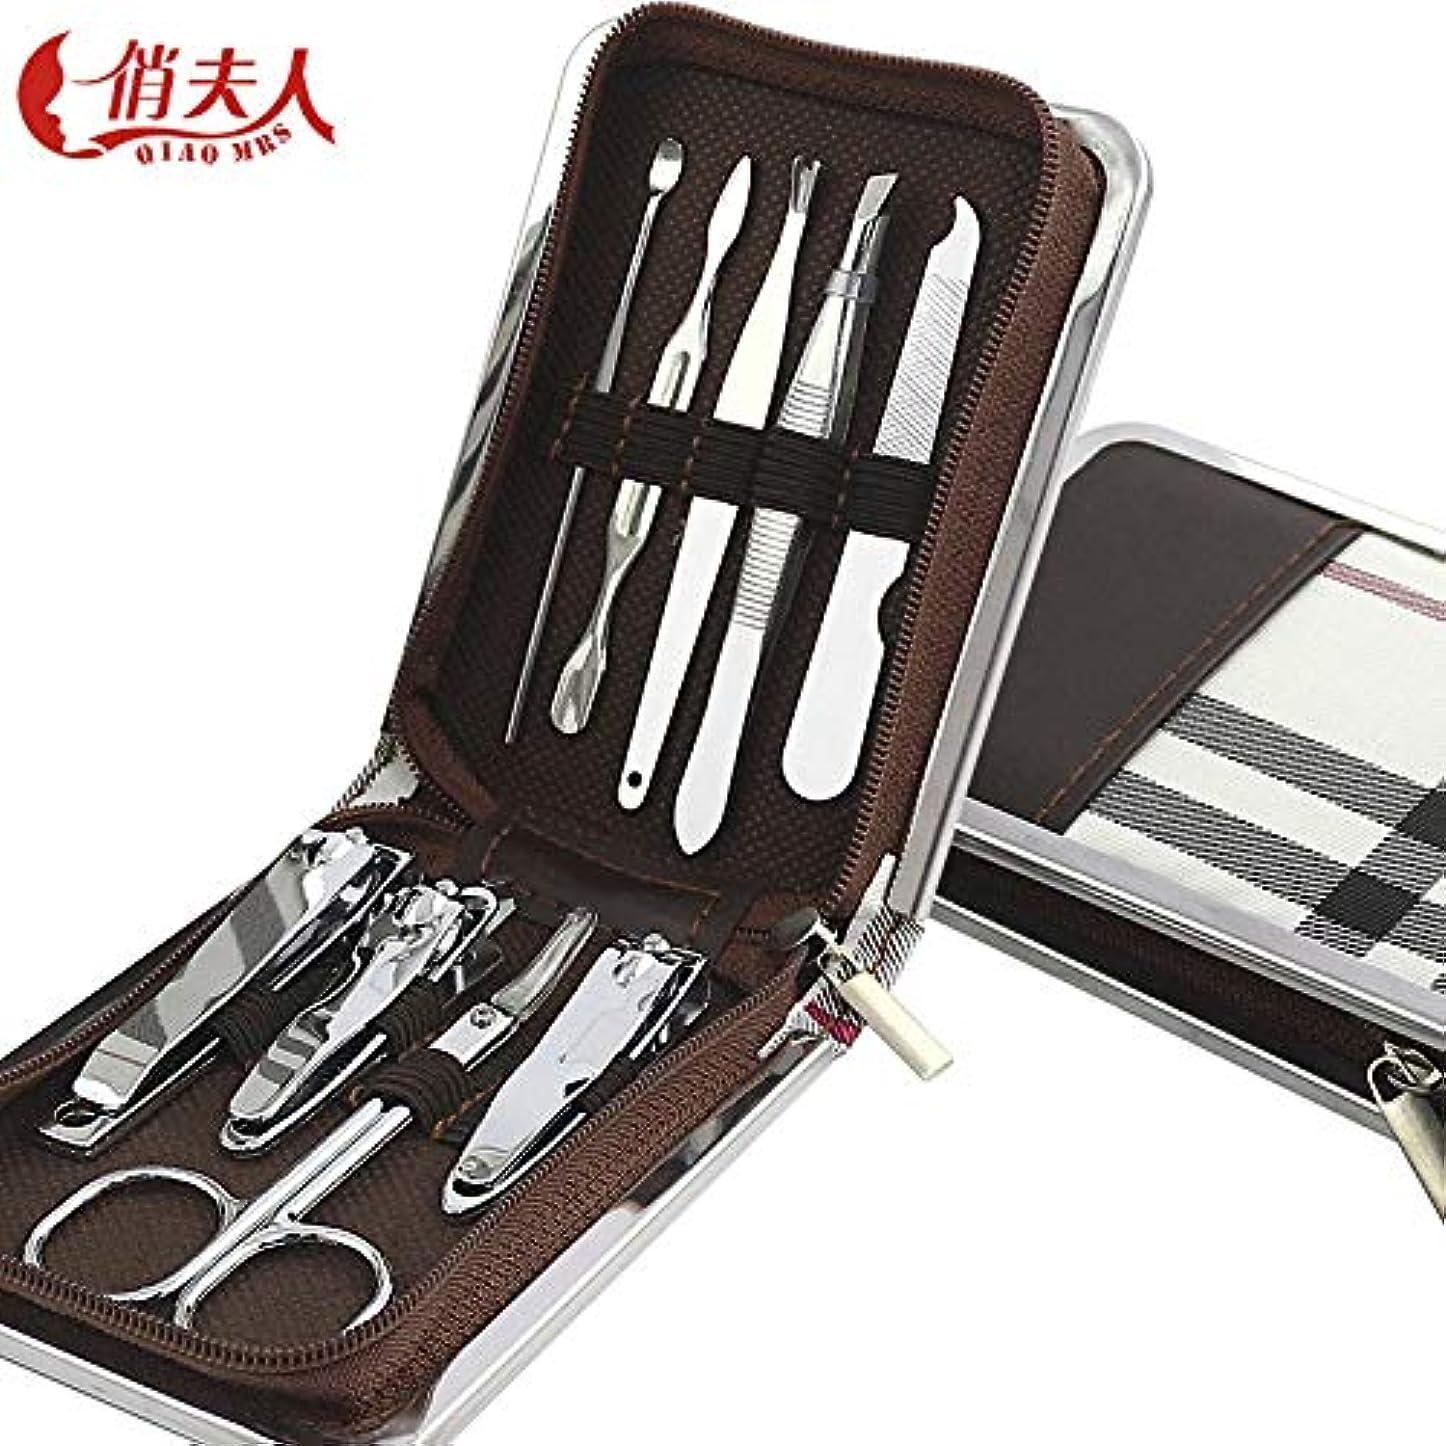 インク古代戦う爪切りはマニキュア用具をカスタマイズしますZip袋の爪切り9部分は爪切りセットを置きました